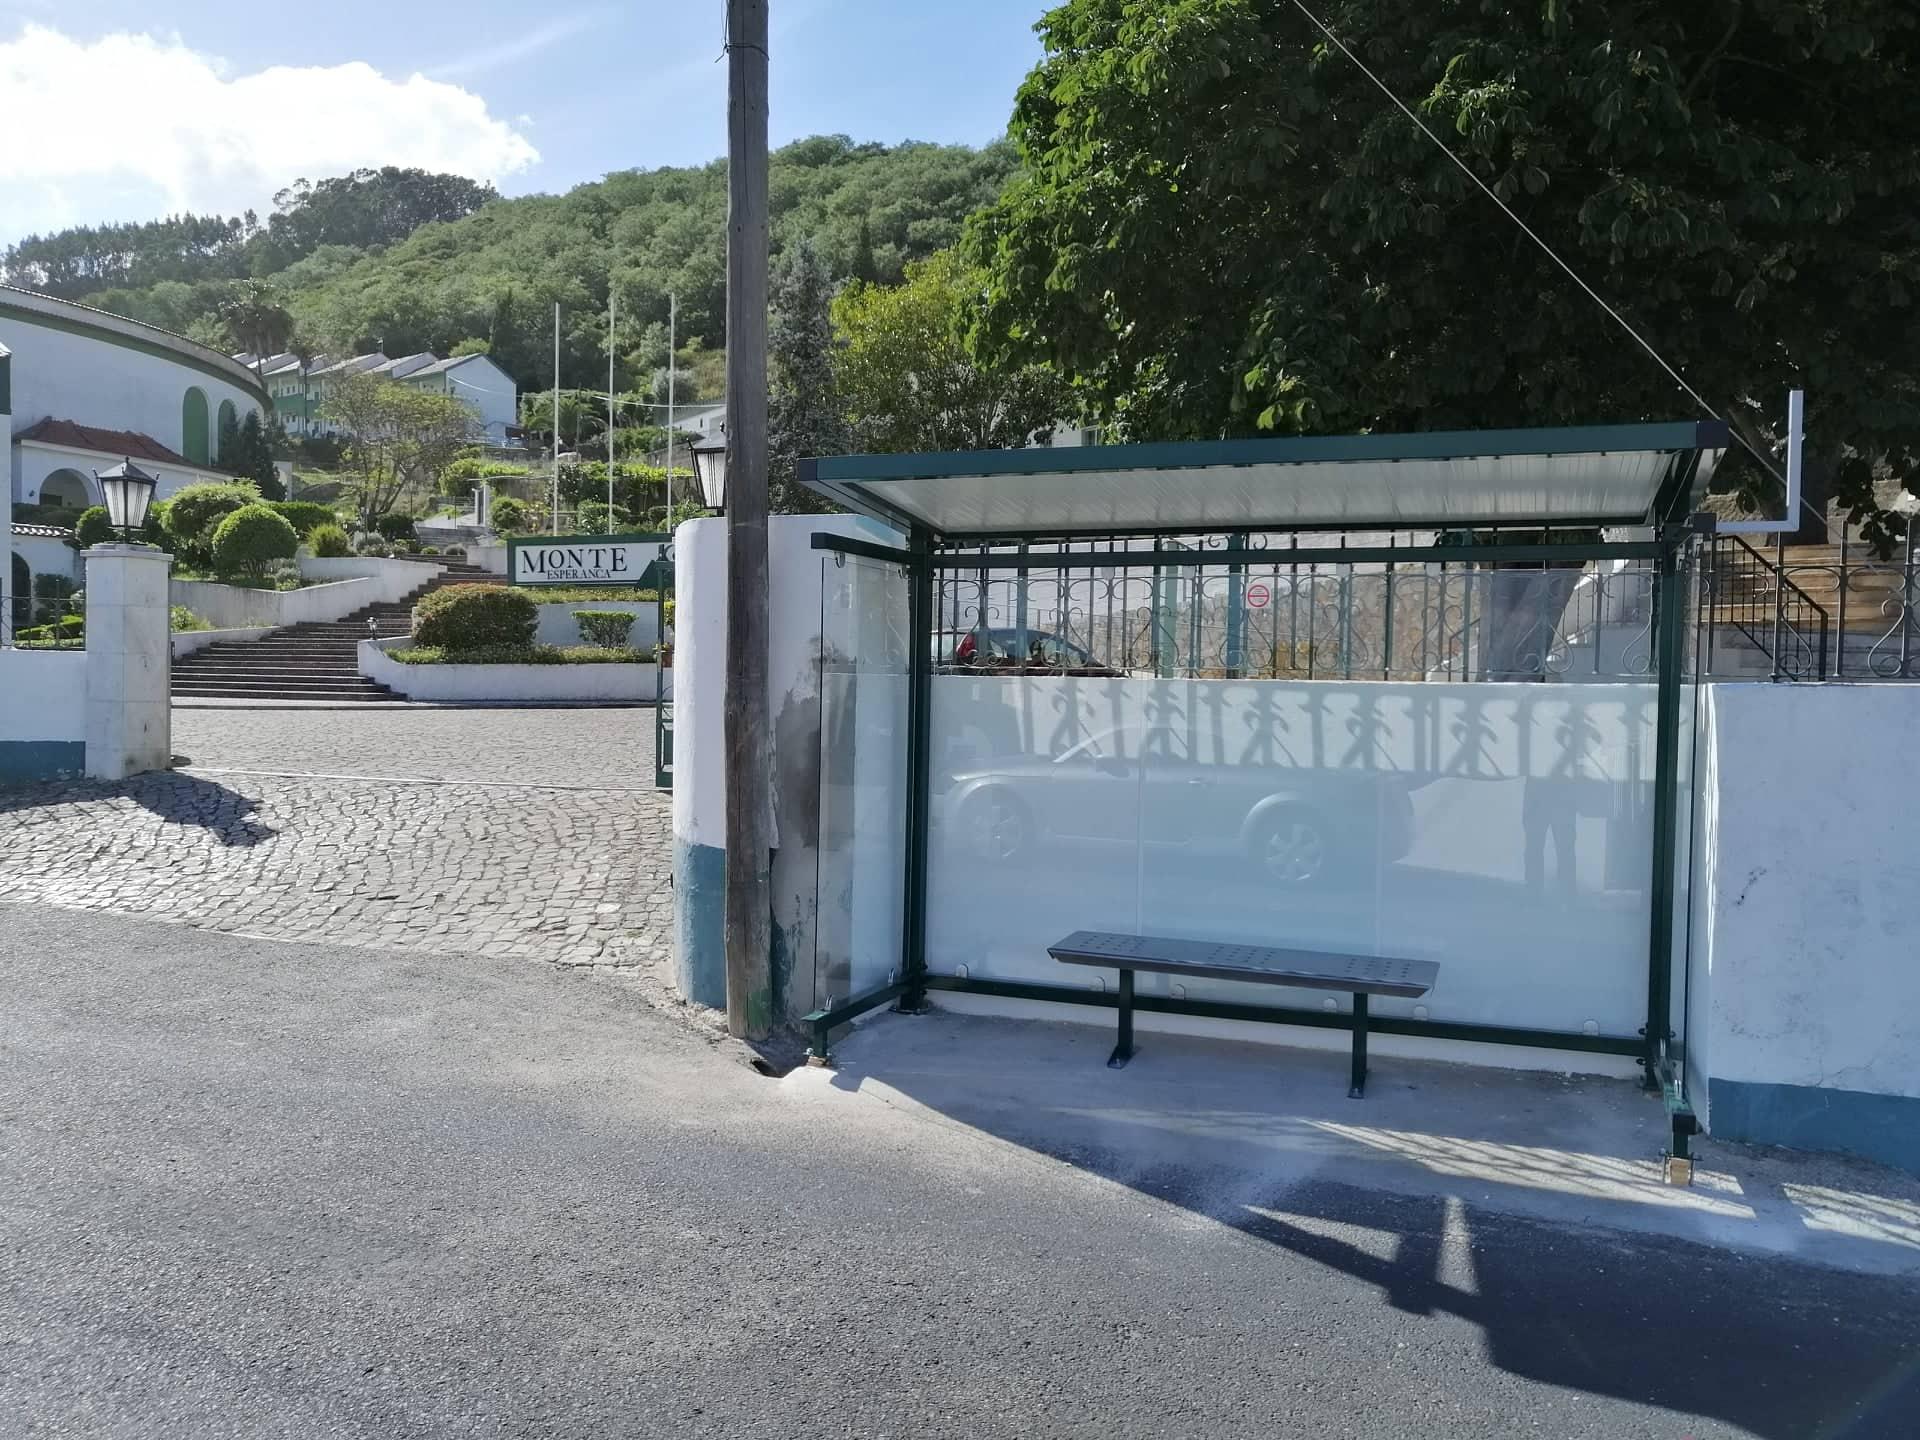 FANHÕES -(f) Nova Paragem Rua Alfredo Caldeira -Monte Esperança. A partir de hoje todas as Paragens da Freguesia estão Renovadas!